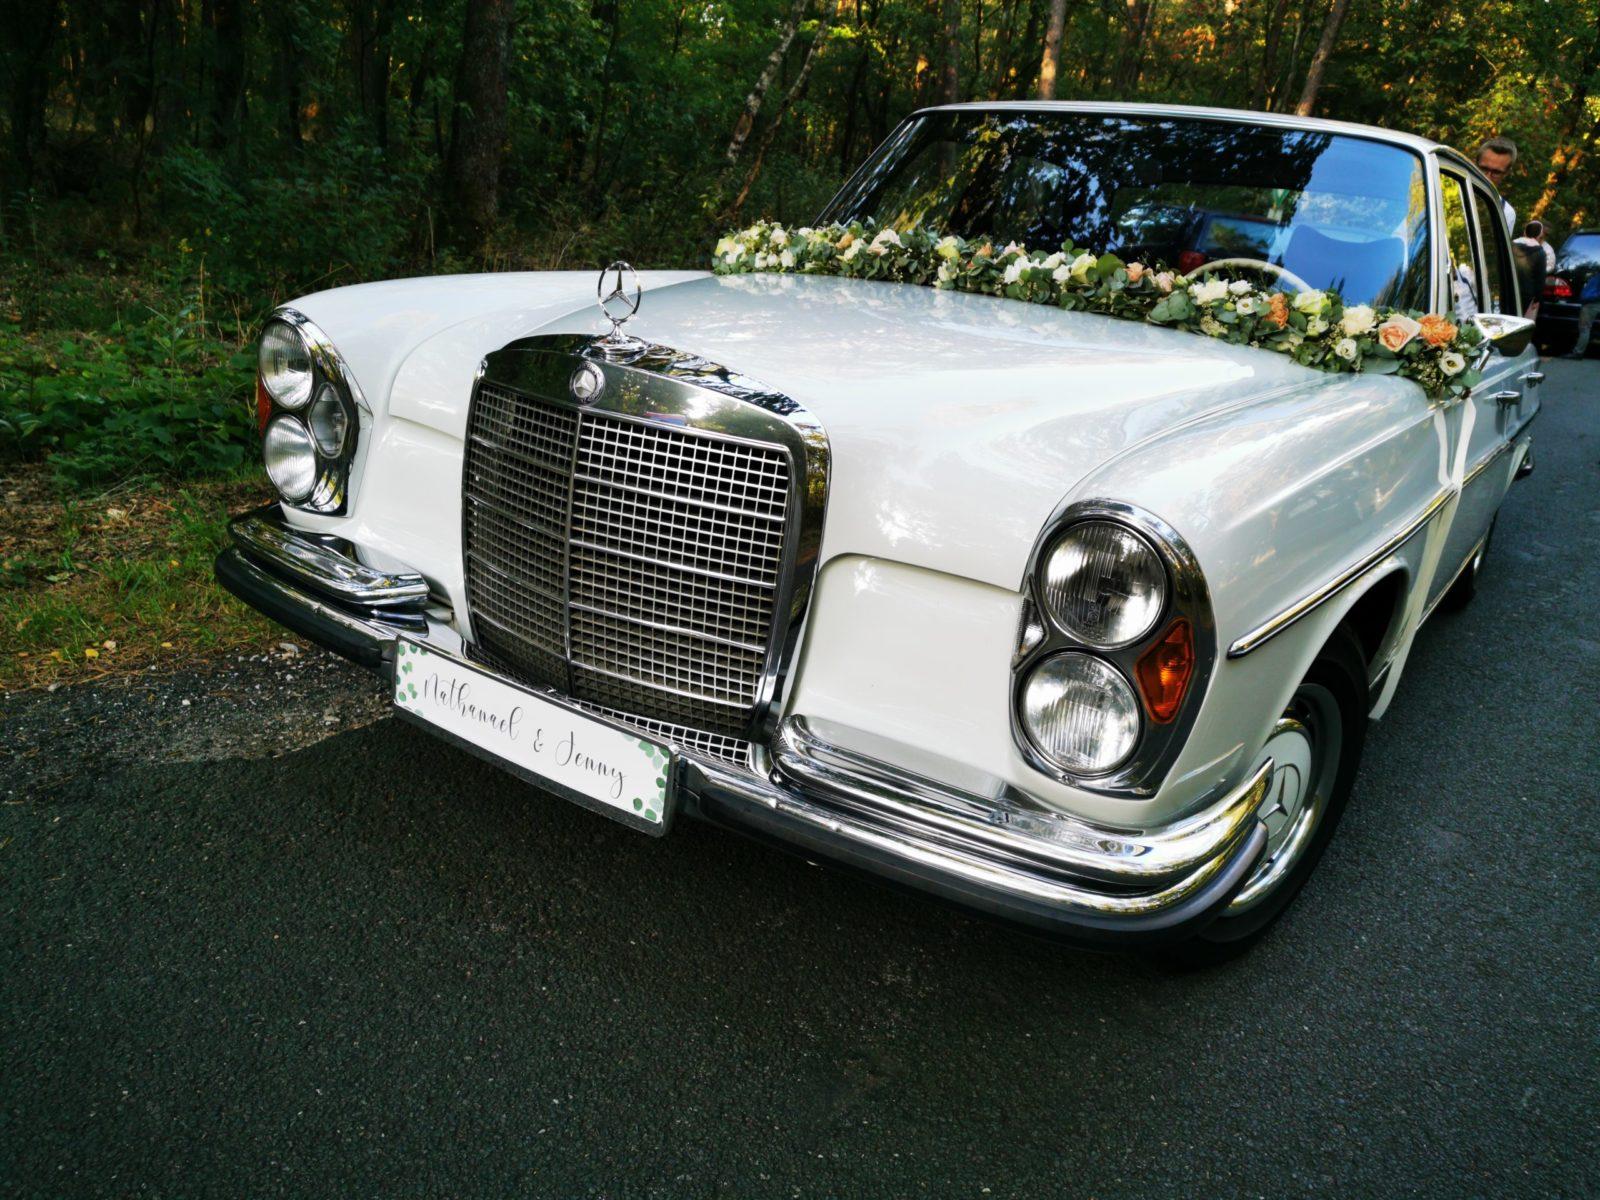 Deko für Hochzeit – Kennzeichen für Hochzeitsauto